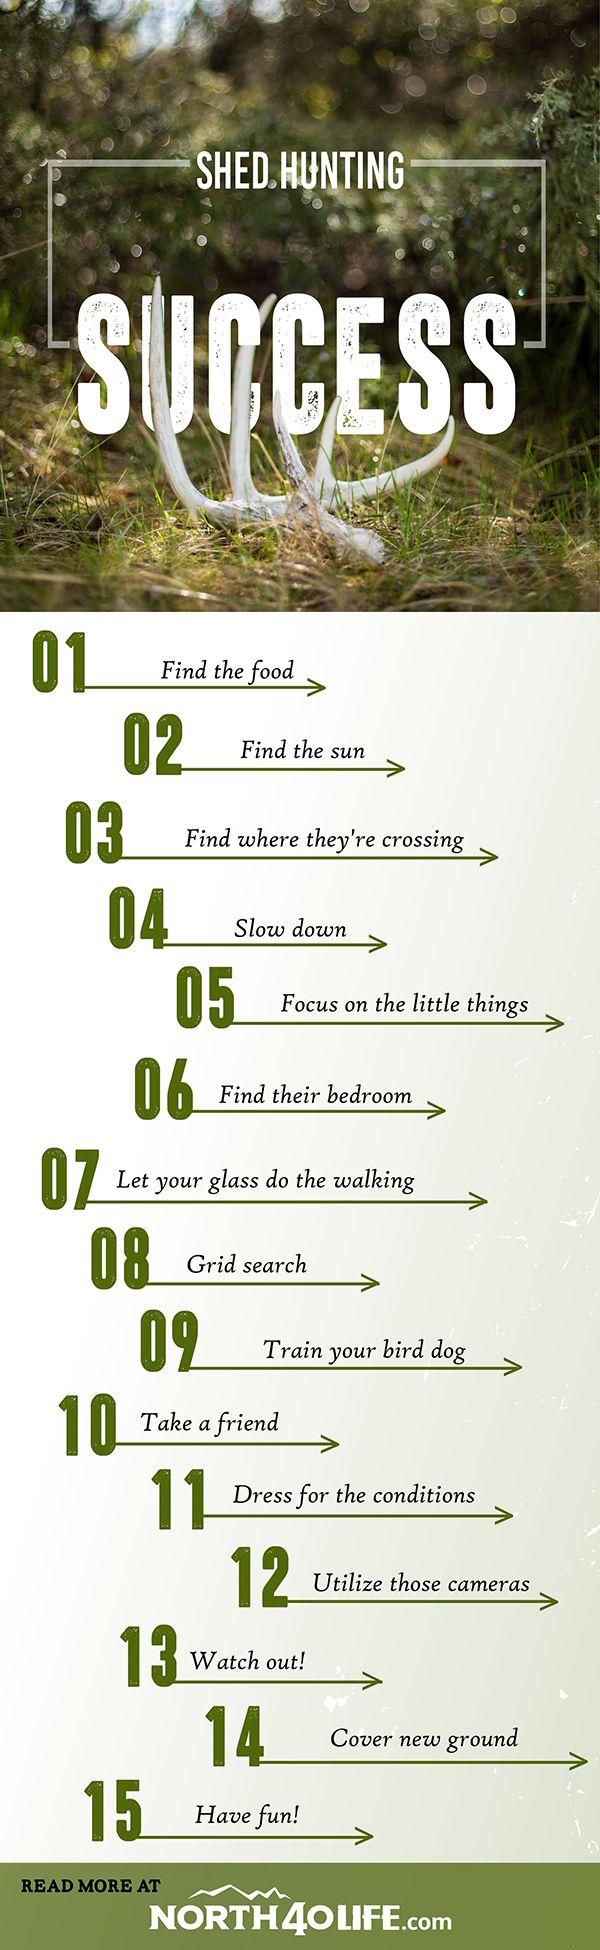 www.pinterest.com/1895gunner/ | Tips for shed hunting!